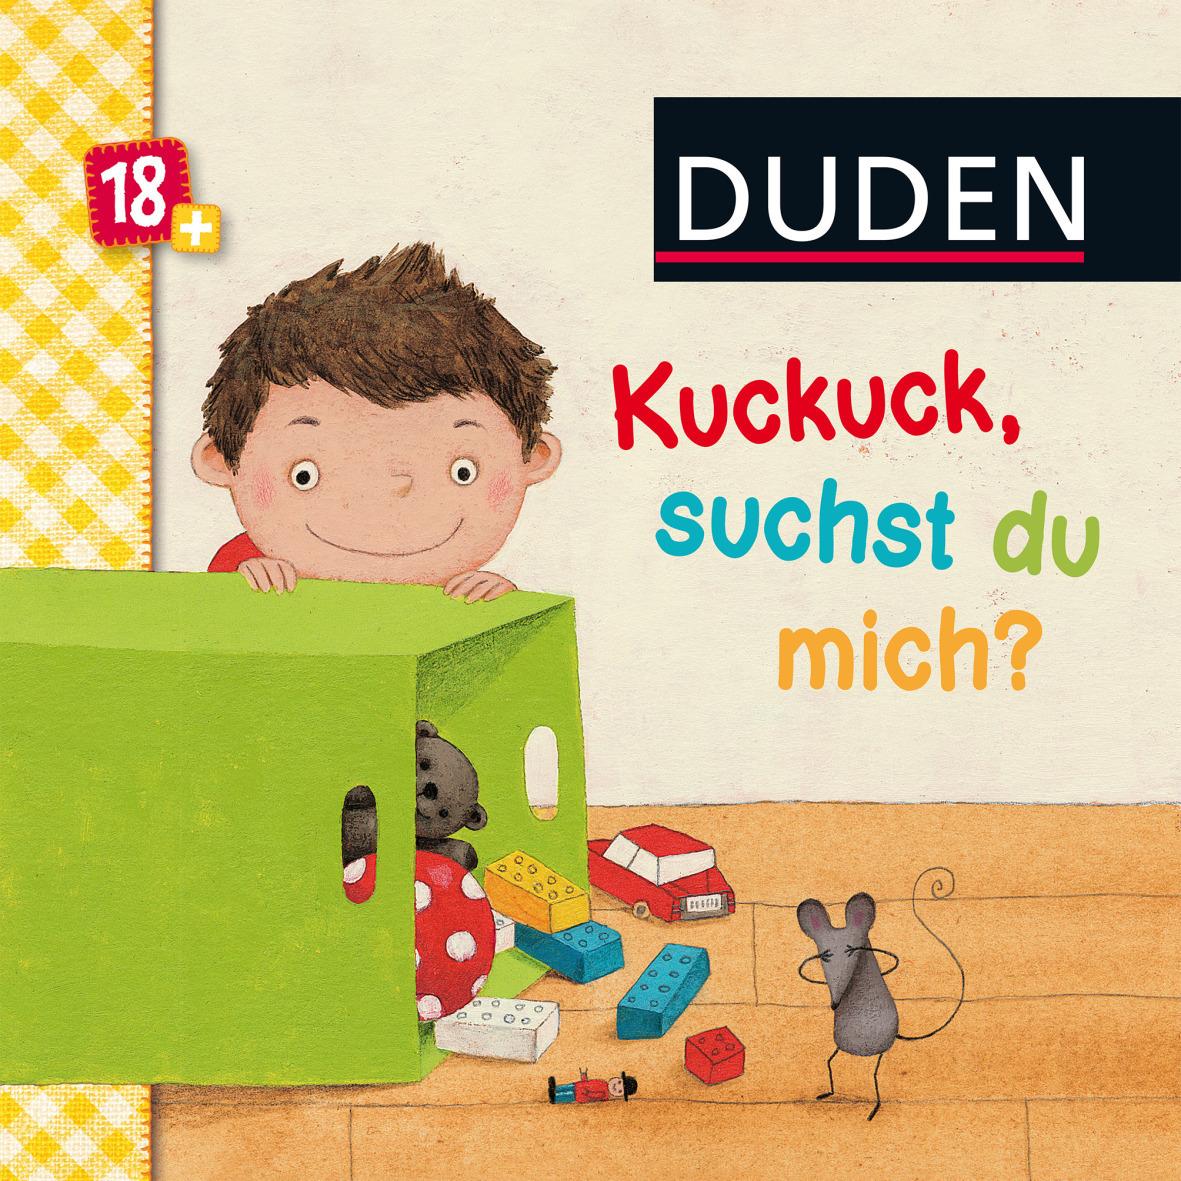 Kuckuck.jpg